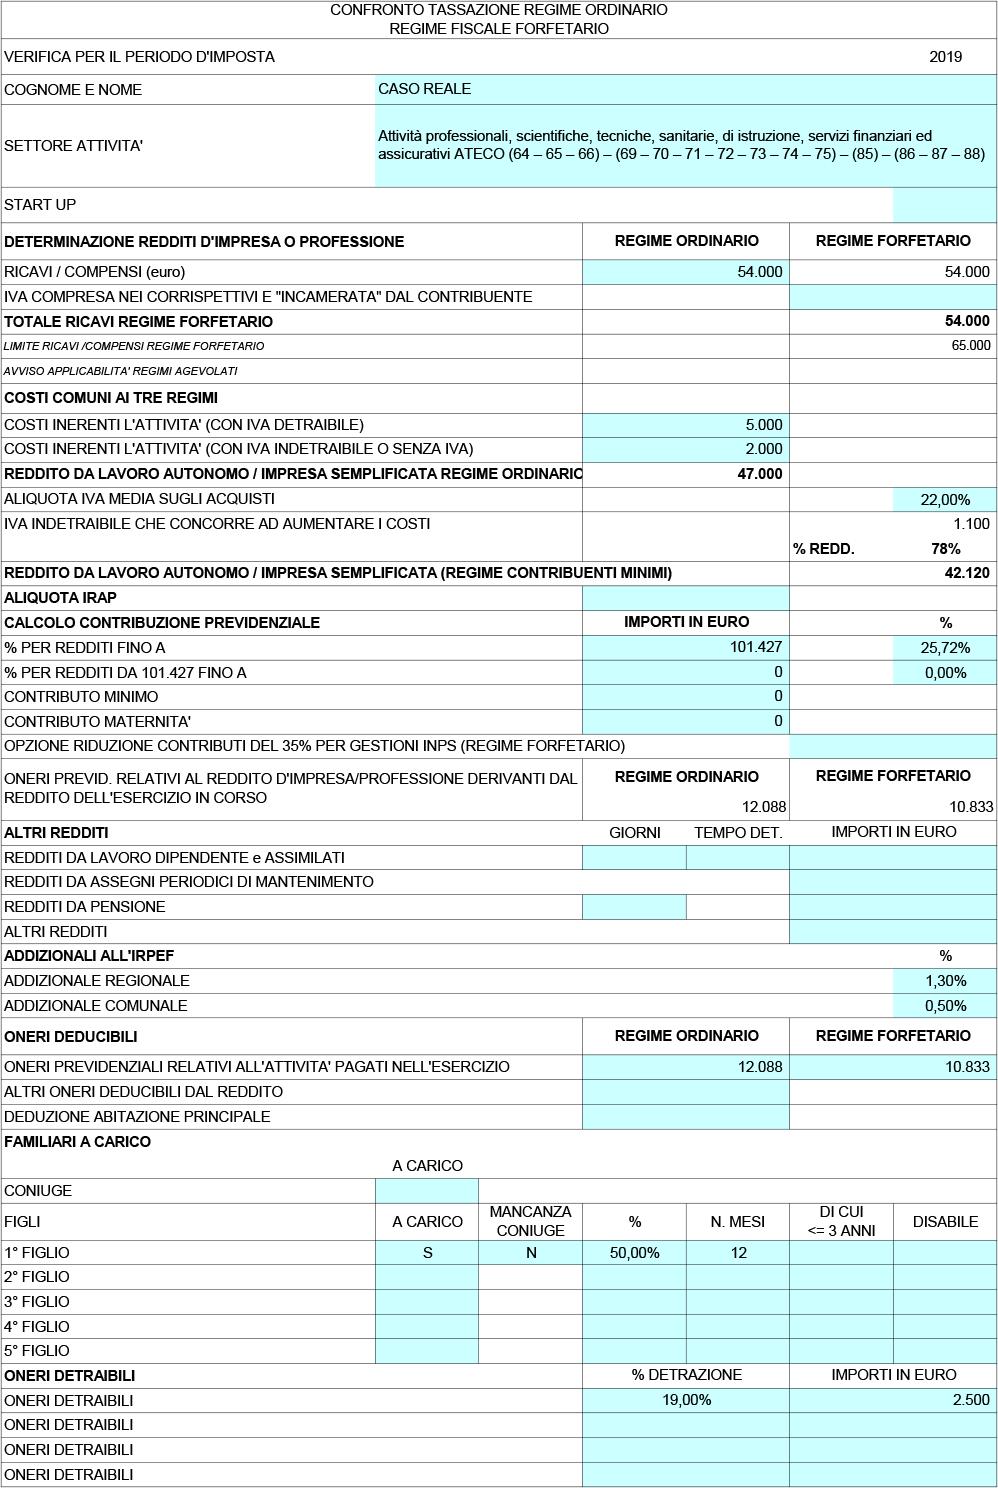 FLAT TAX 2019, test di convenienza (versione Excel) - Immagine 1 / 2